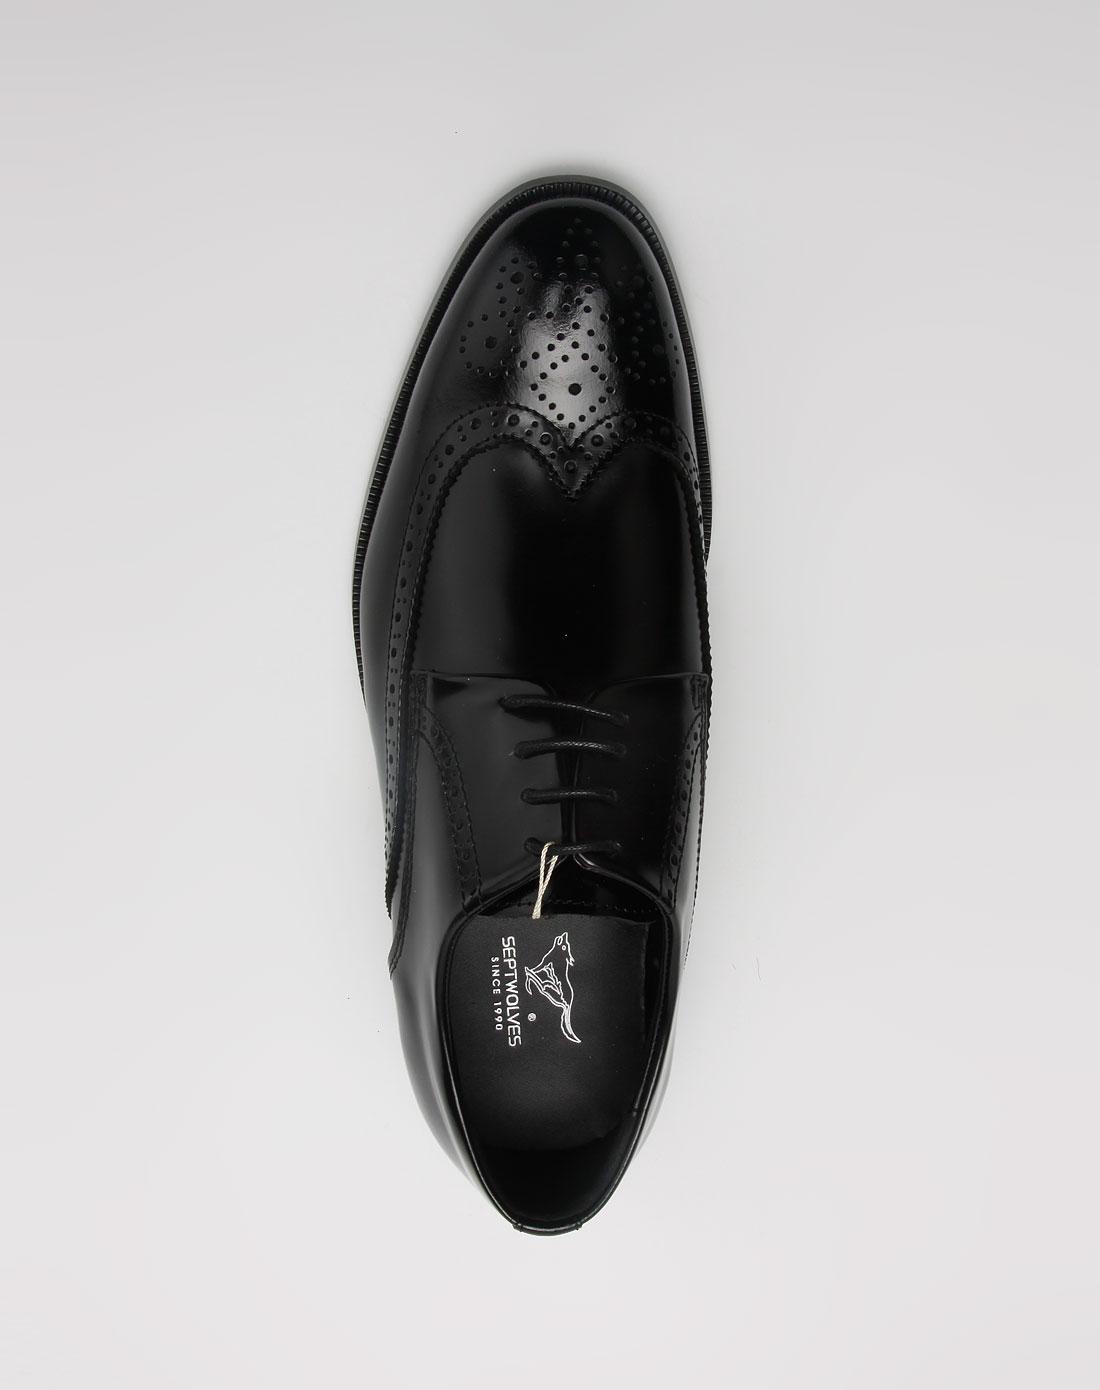 七匹狼septwolves男鞋黑色典雅时尚皮鞋